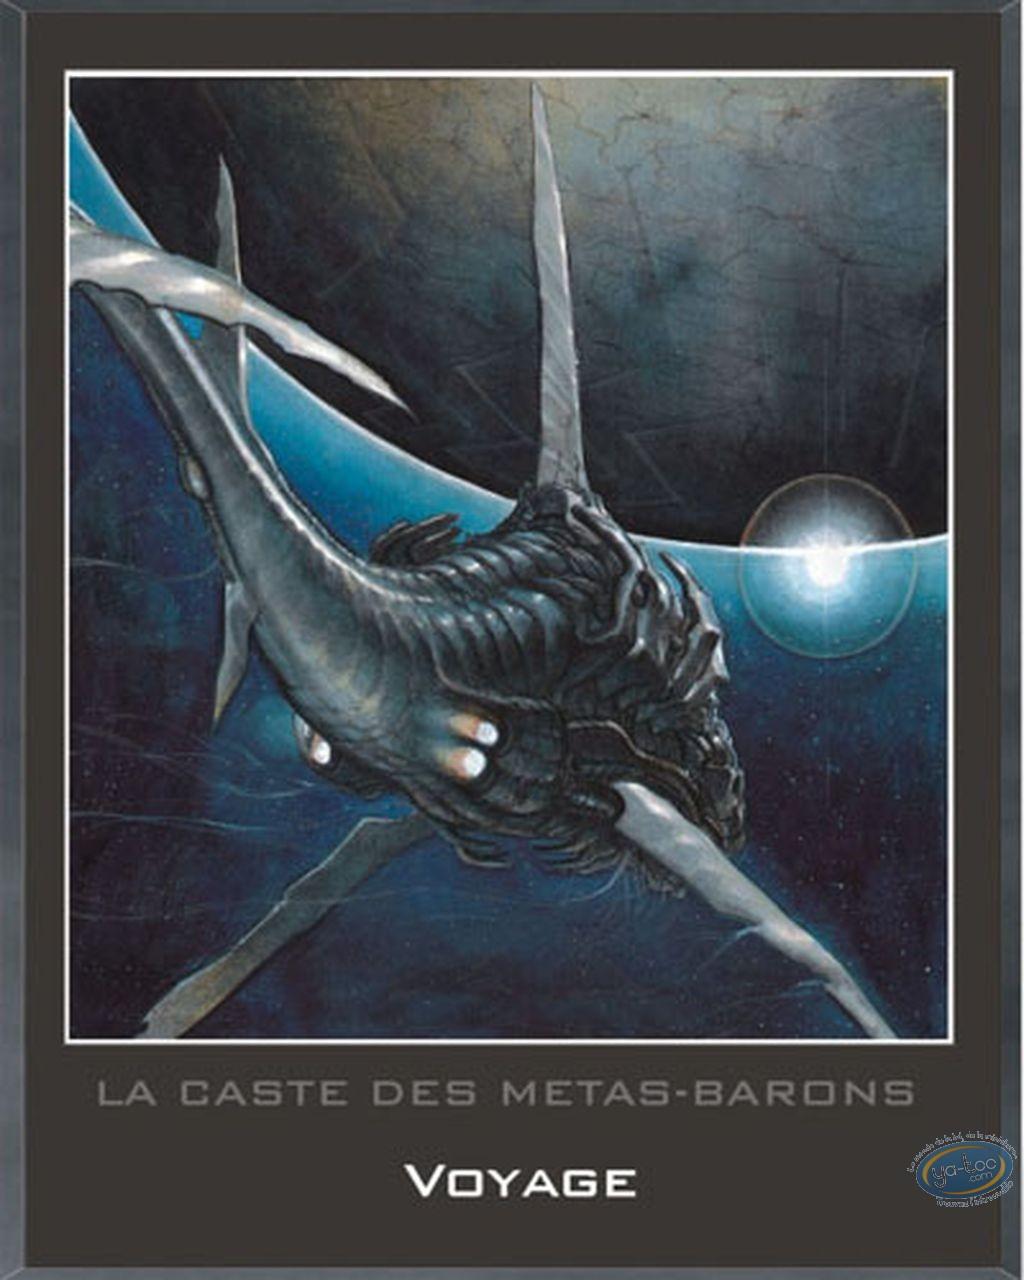 Offset Print, Caste des Métas-Barons (La) : Wooden plate, La Caste des Metas-Barons : Travel